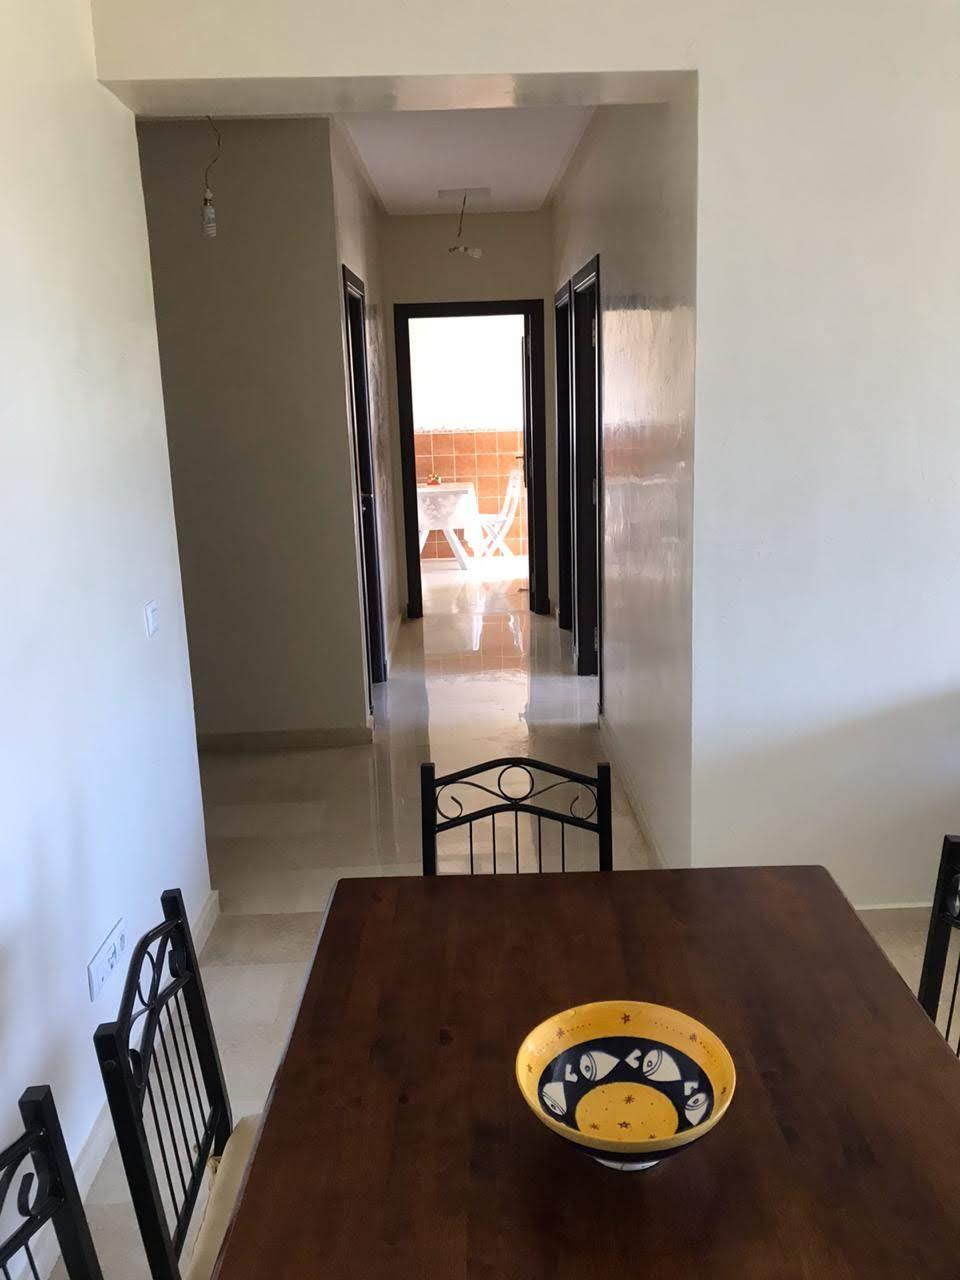 Vente appartement de 82 m² sans vis à vis la colline